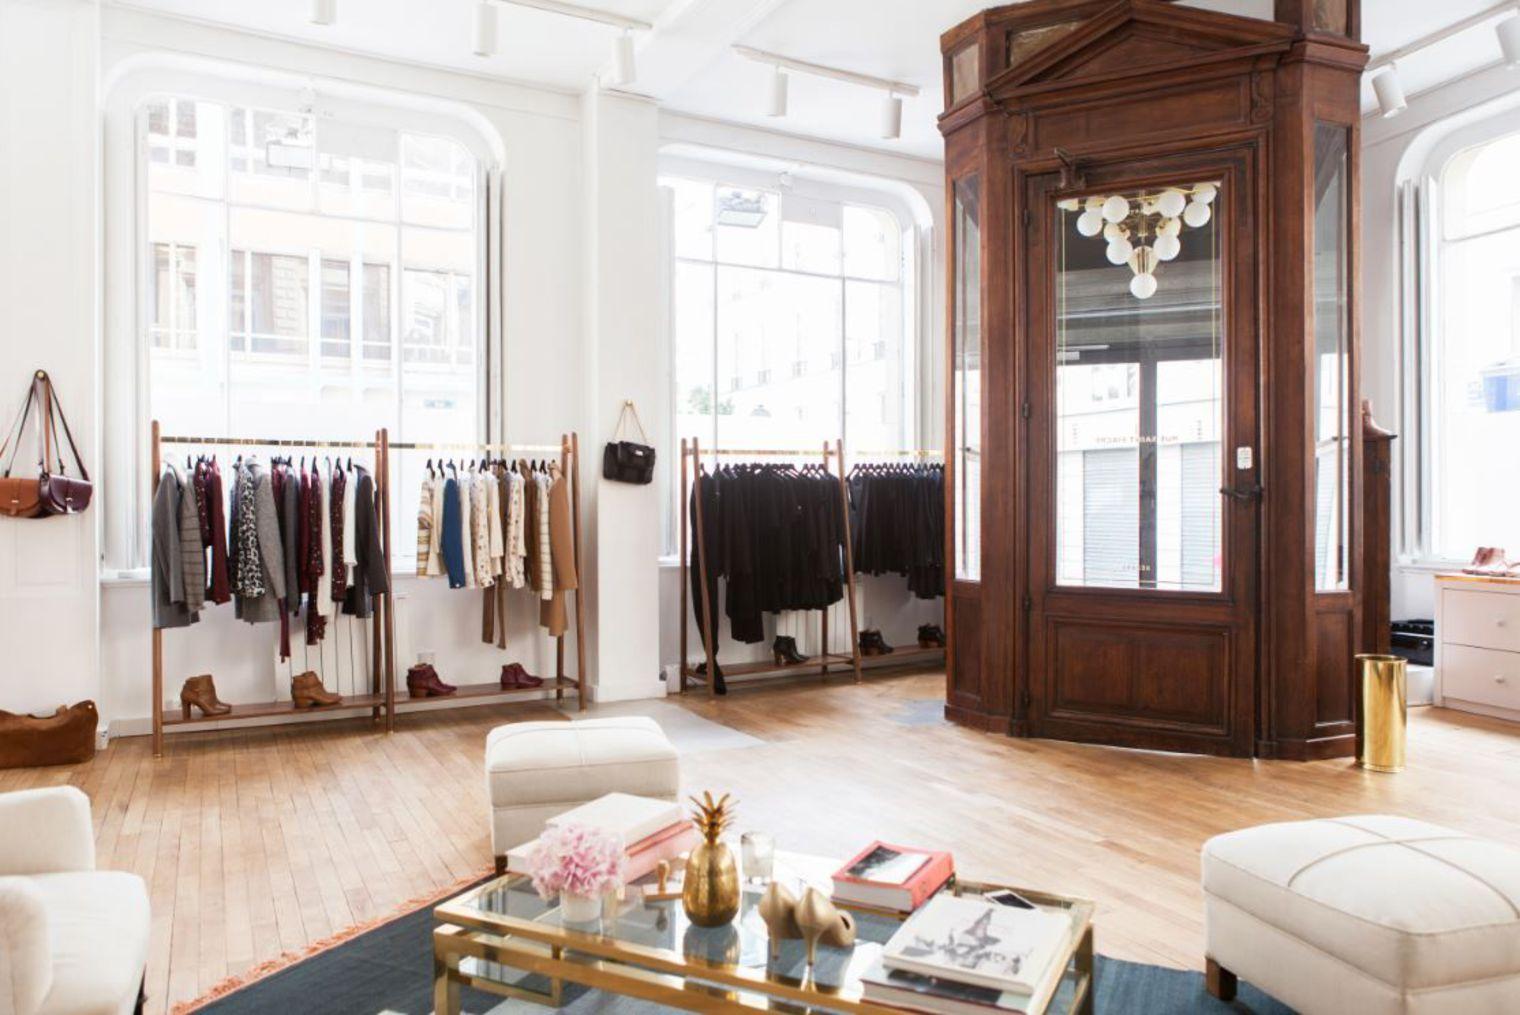 Achat appartement Bordeaux: peser le pour et le contre